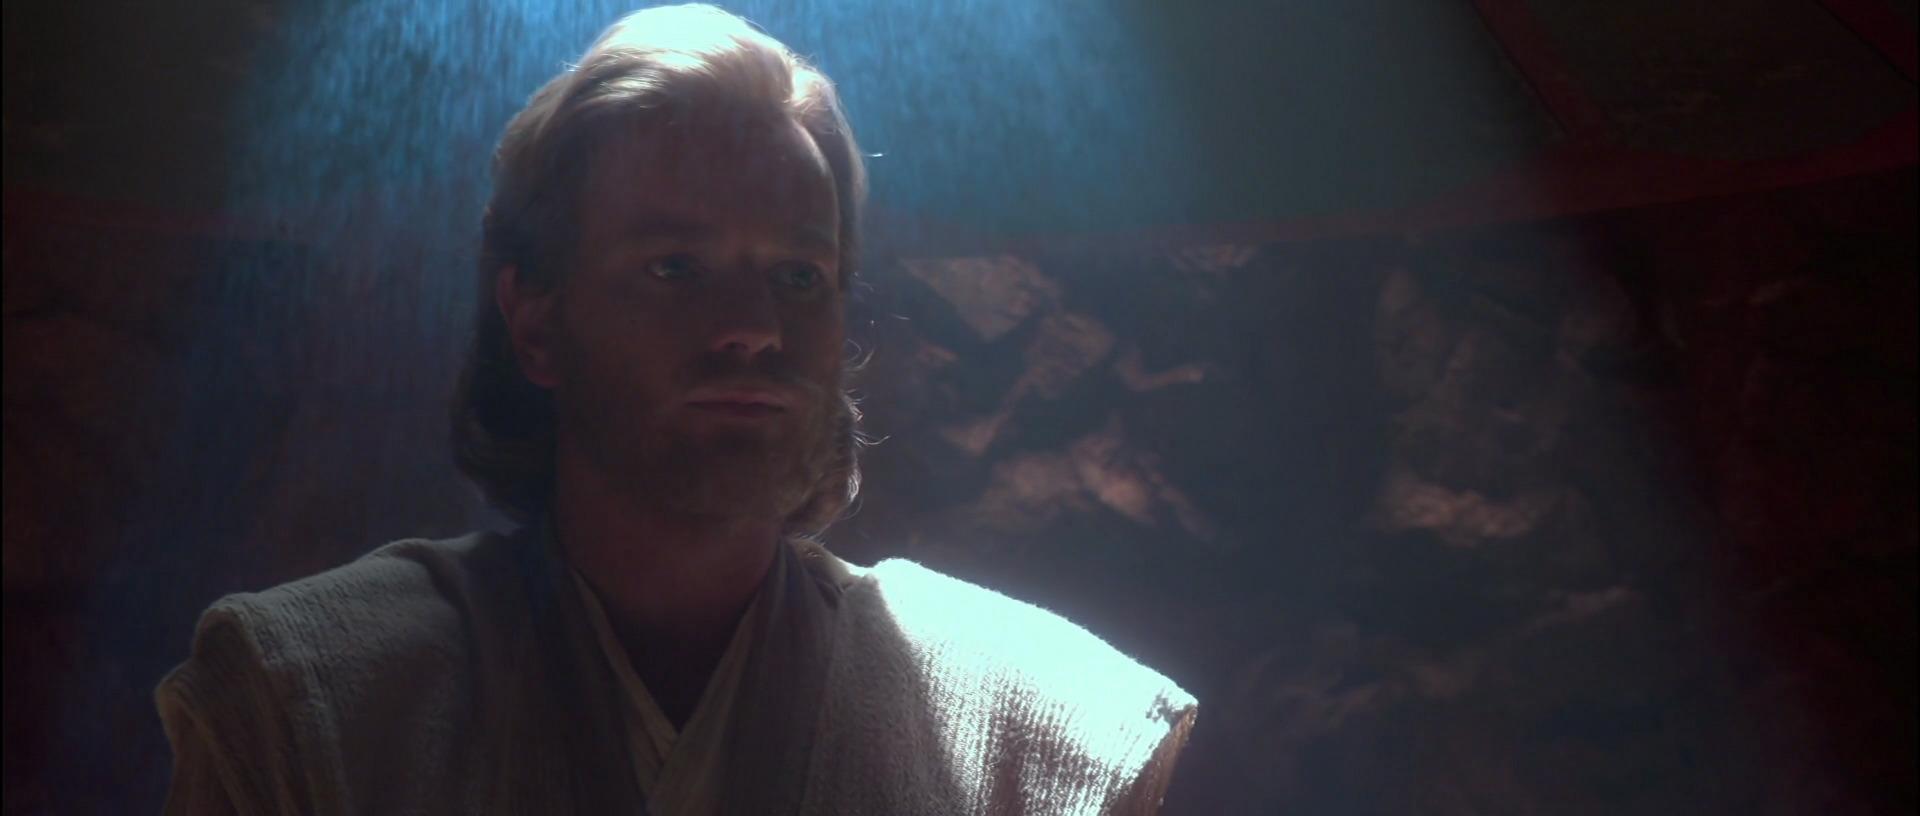 Obi-Wan_Kenobi_held_prisoner_by_Count_Dooku